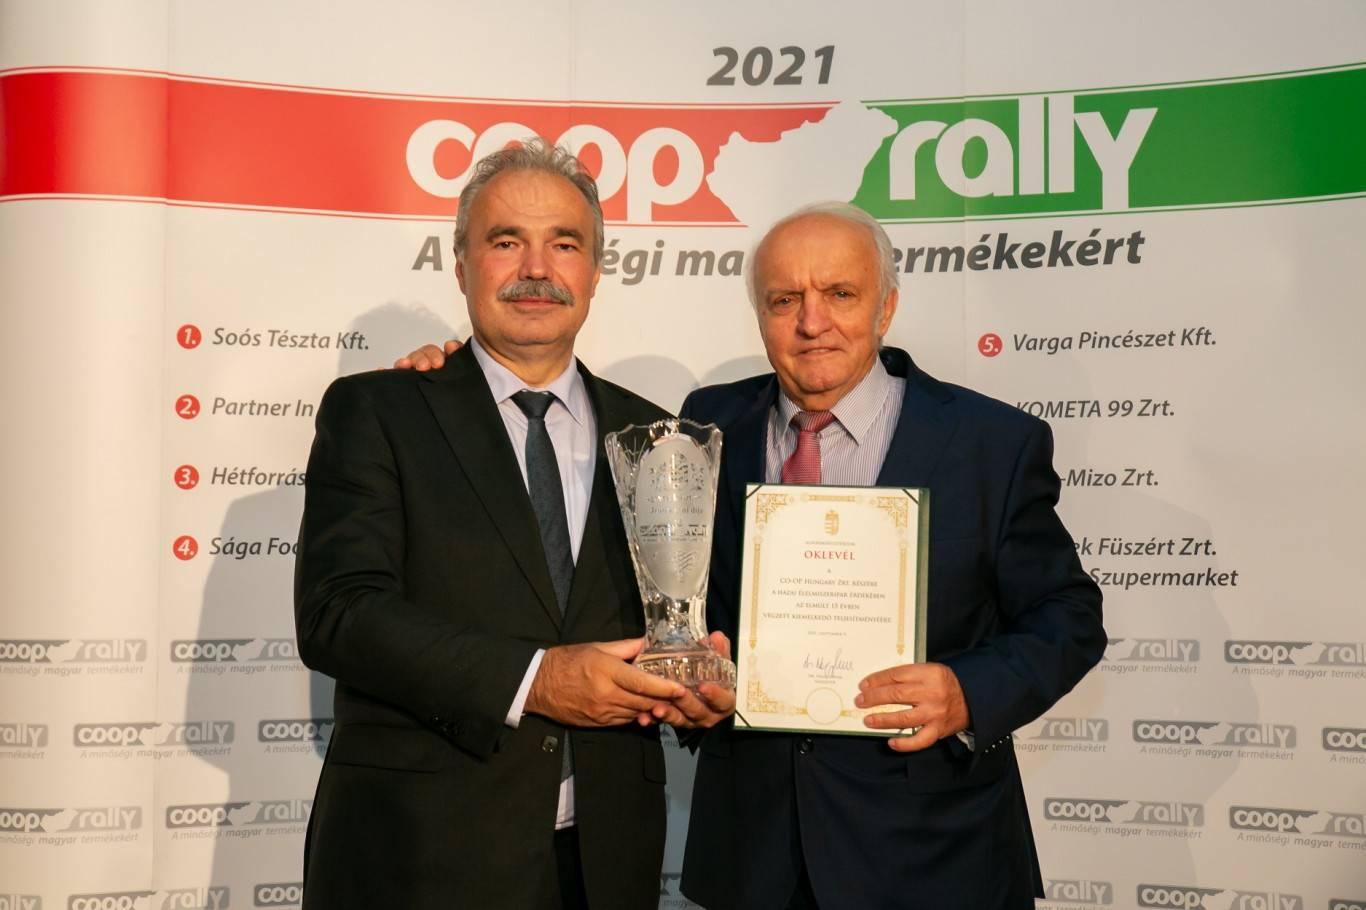 dr. nagy istván és pekó lászló a coop rally-2021